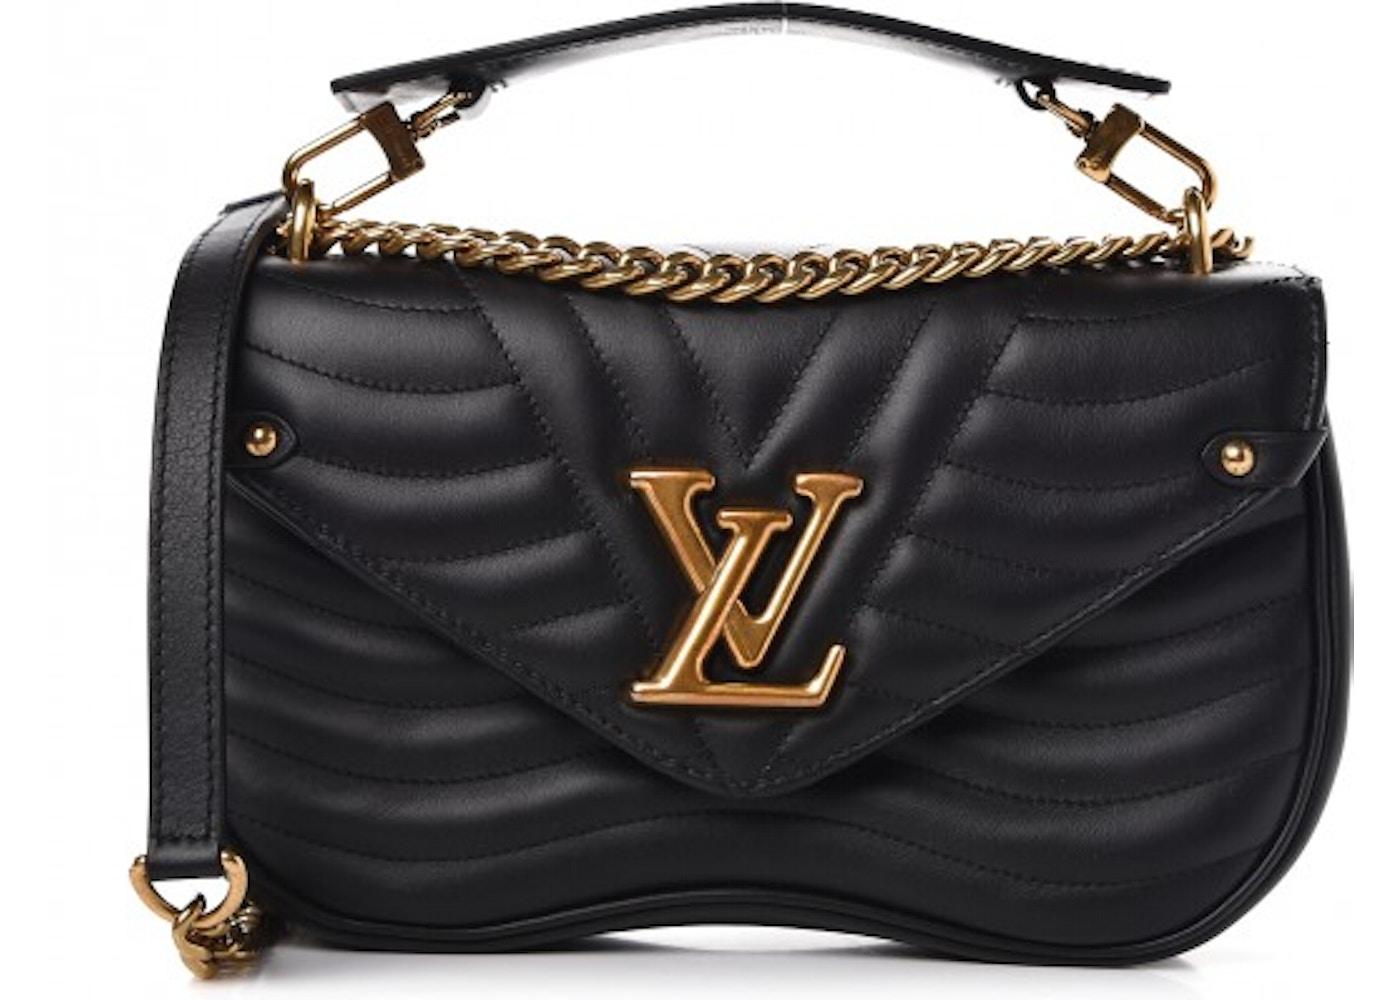 978287026f1e7 Louis Vuitton Shoulder Bag New Wave Chain With Accessories MM Noir Black.  With Accessories MM Noir Black